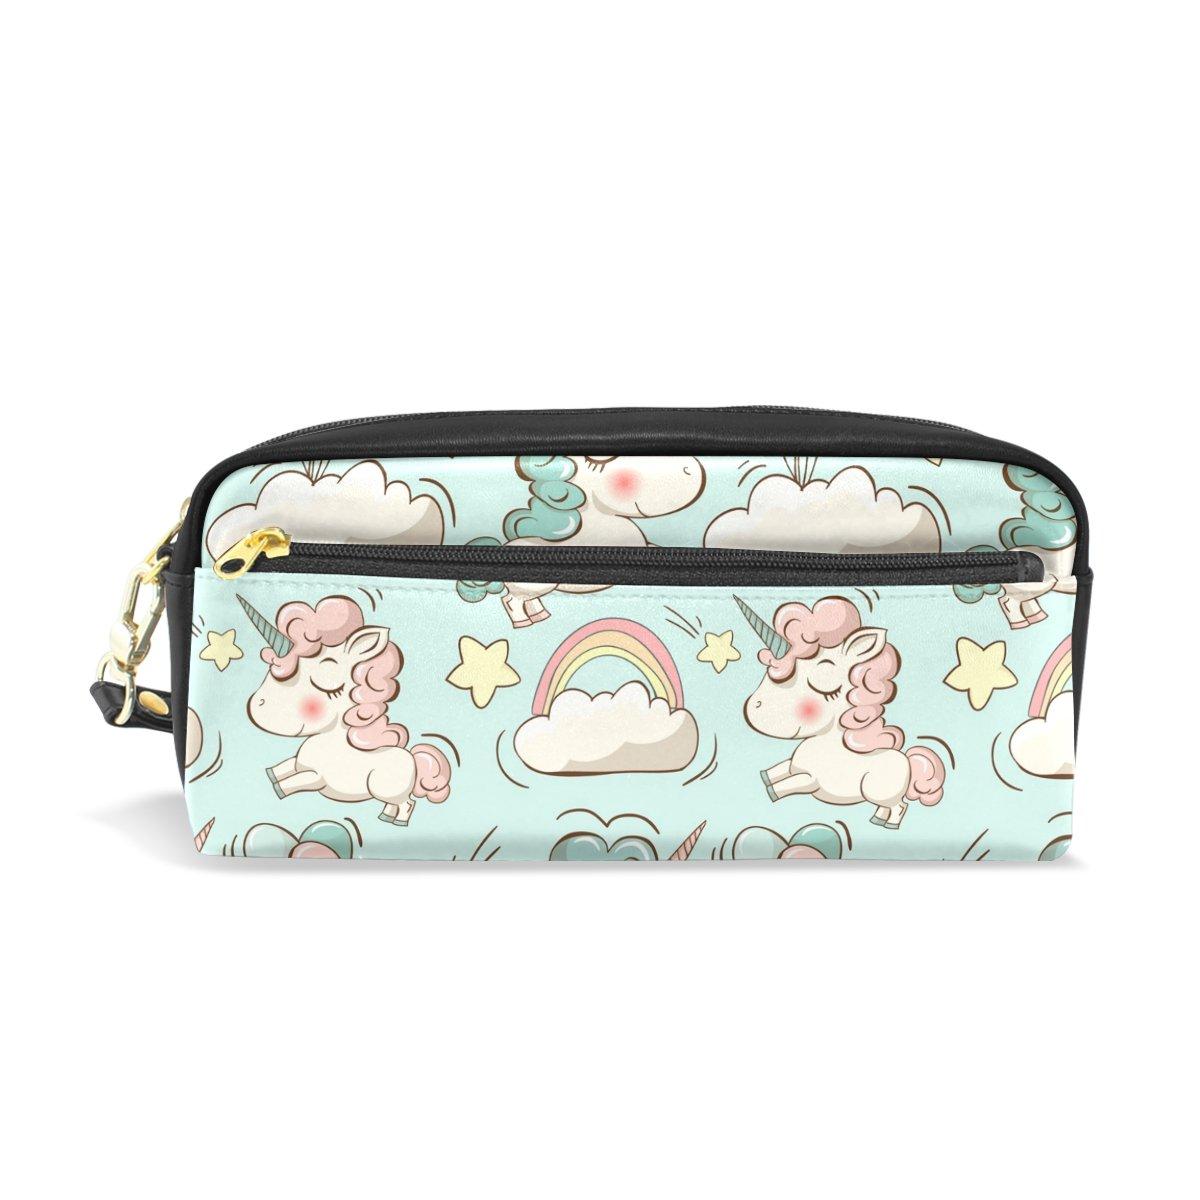 COOSUN Cosmetic Bag PU Leather Portable unicorni e nubi modello Pencil Case Penna della scuola Sacchetti stazionari della cassa del sacchetto di alta capacità trucco Grande Multicolore